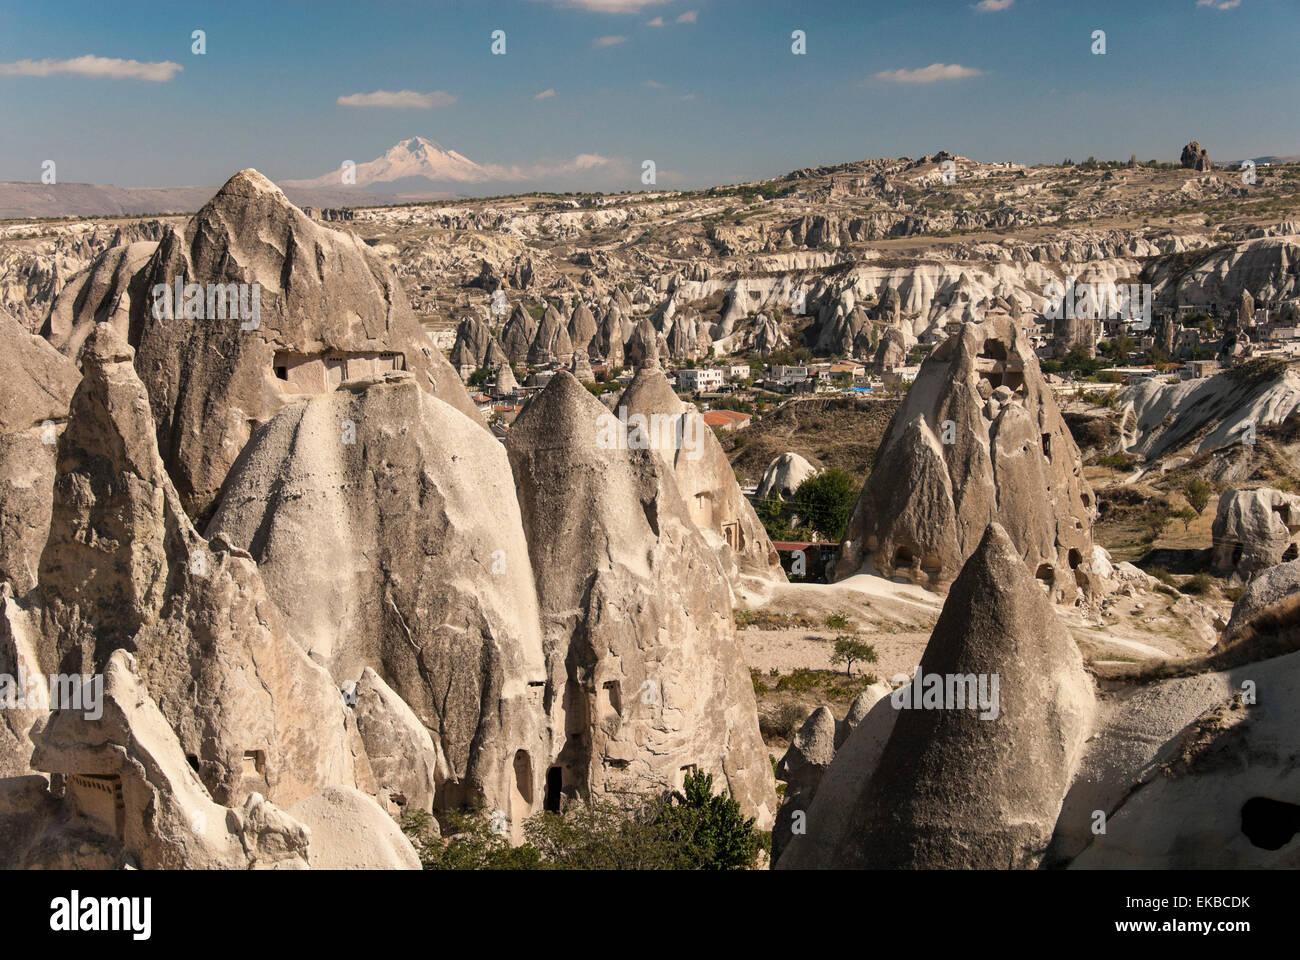 Göreme, UNESCO-Weltkulturerbe, Kappadokien, Anatolien, Türkei, Kleinasien, Eurasien Stockbild